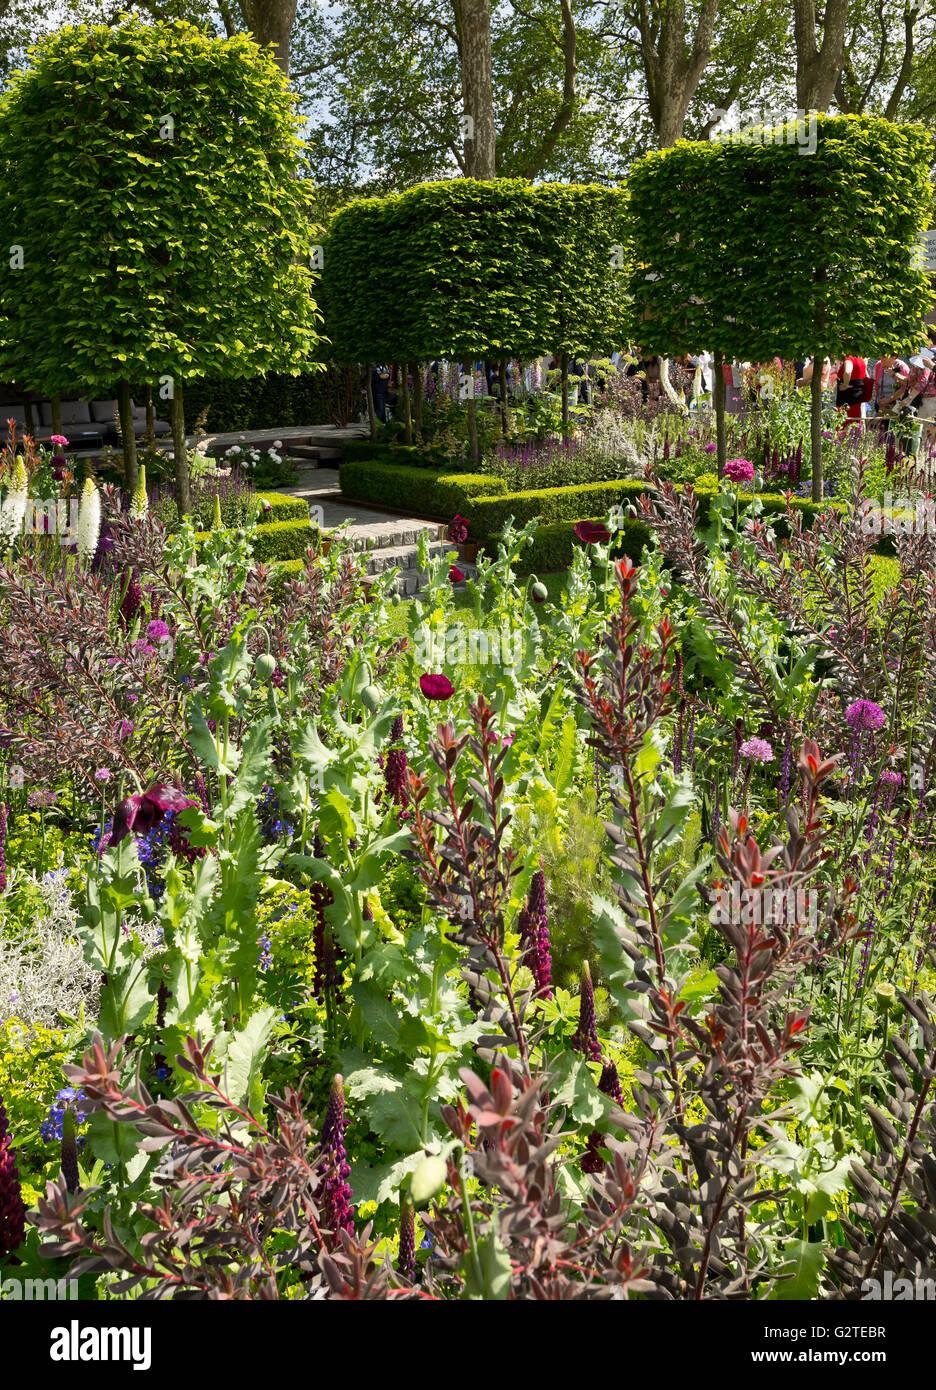 RHS Chelsea Flower Show 2016, Support the Husqvarna Garden, Silver-Gilt medal winner - Stock Image